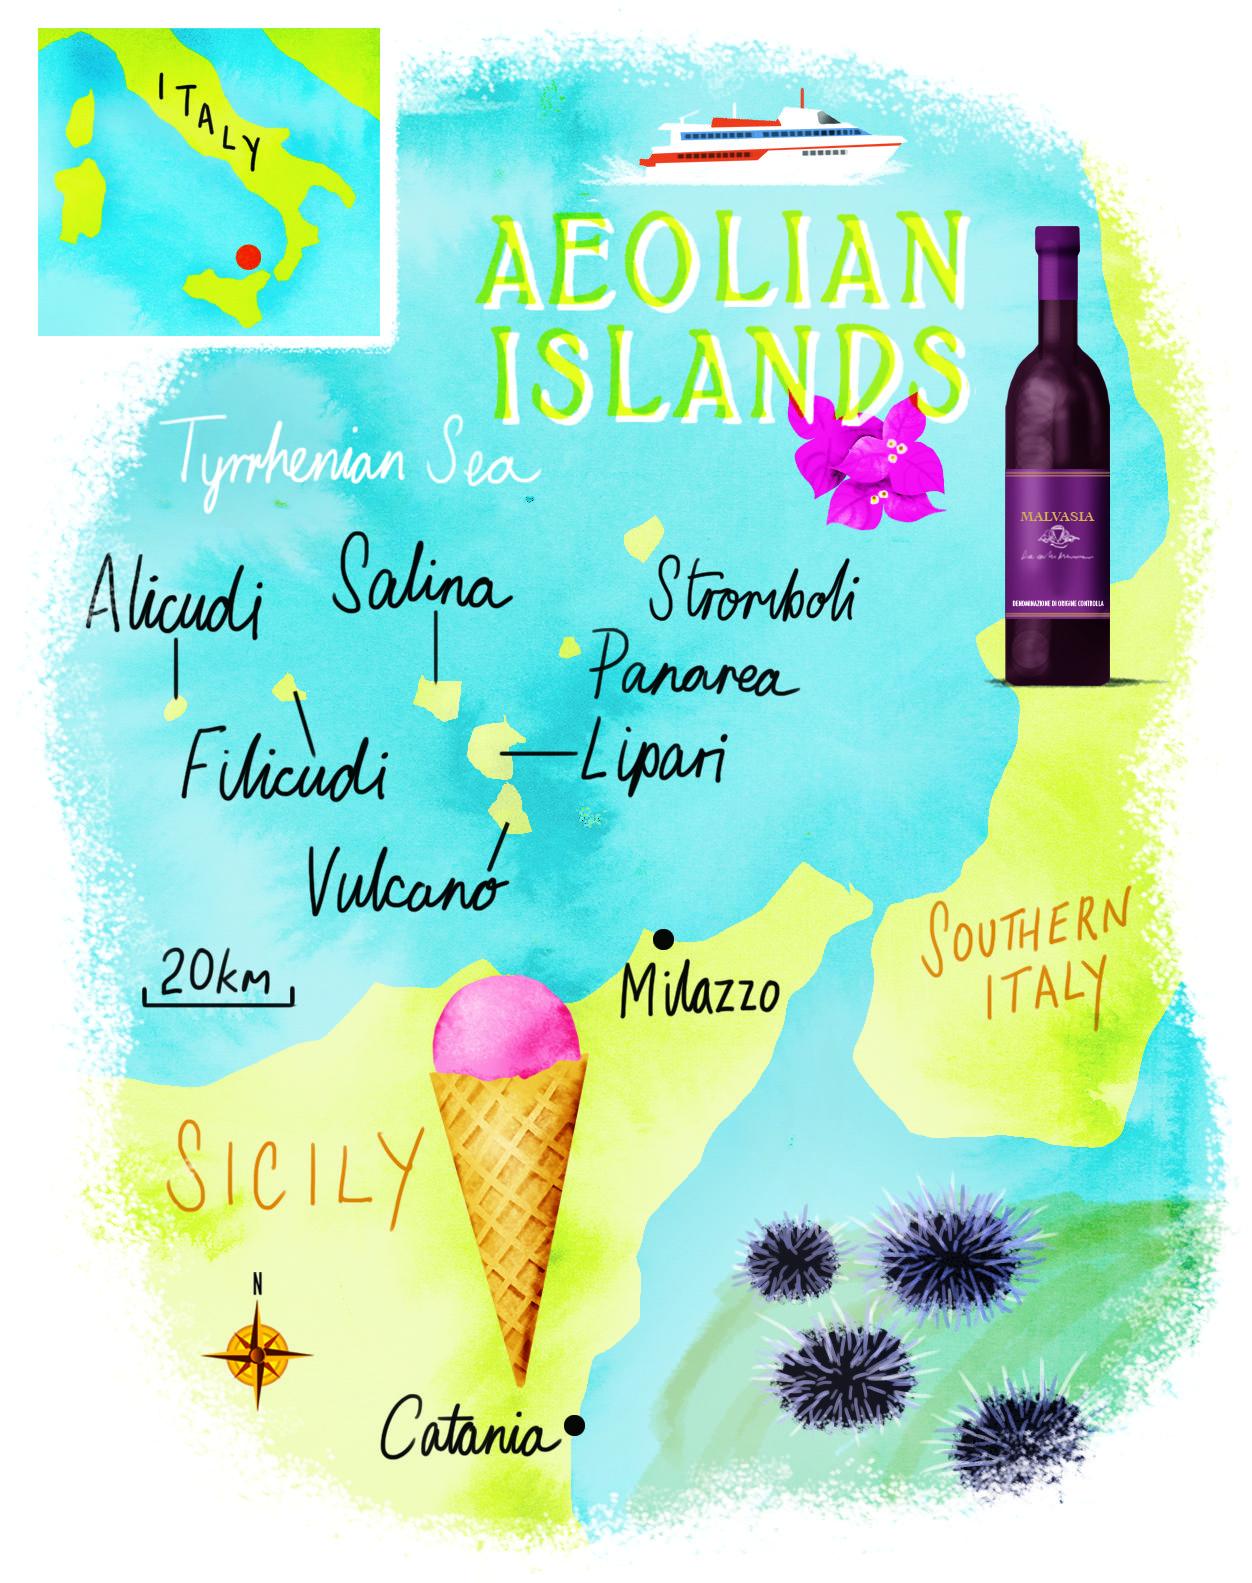 Aeolian Islands map by Scott Jessop May 2015 issue Maps